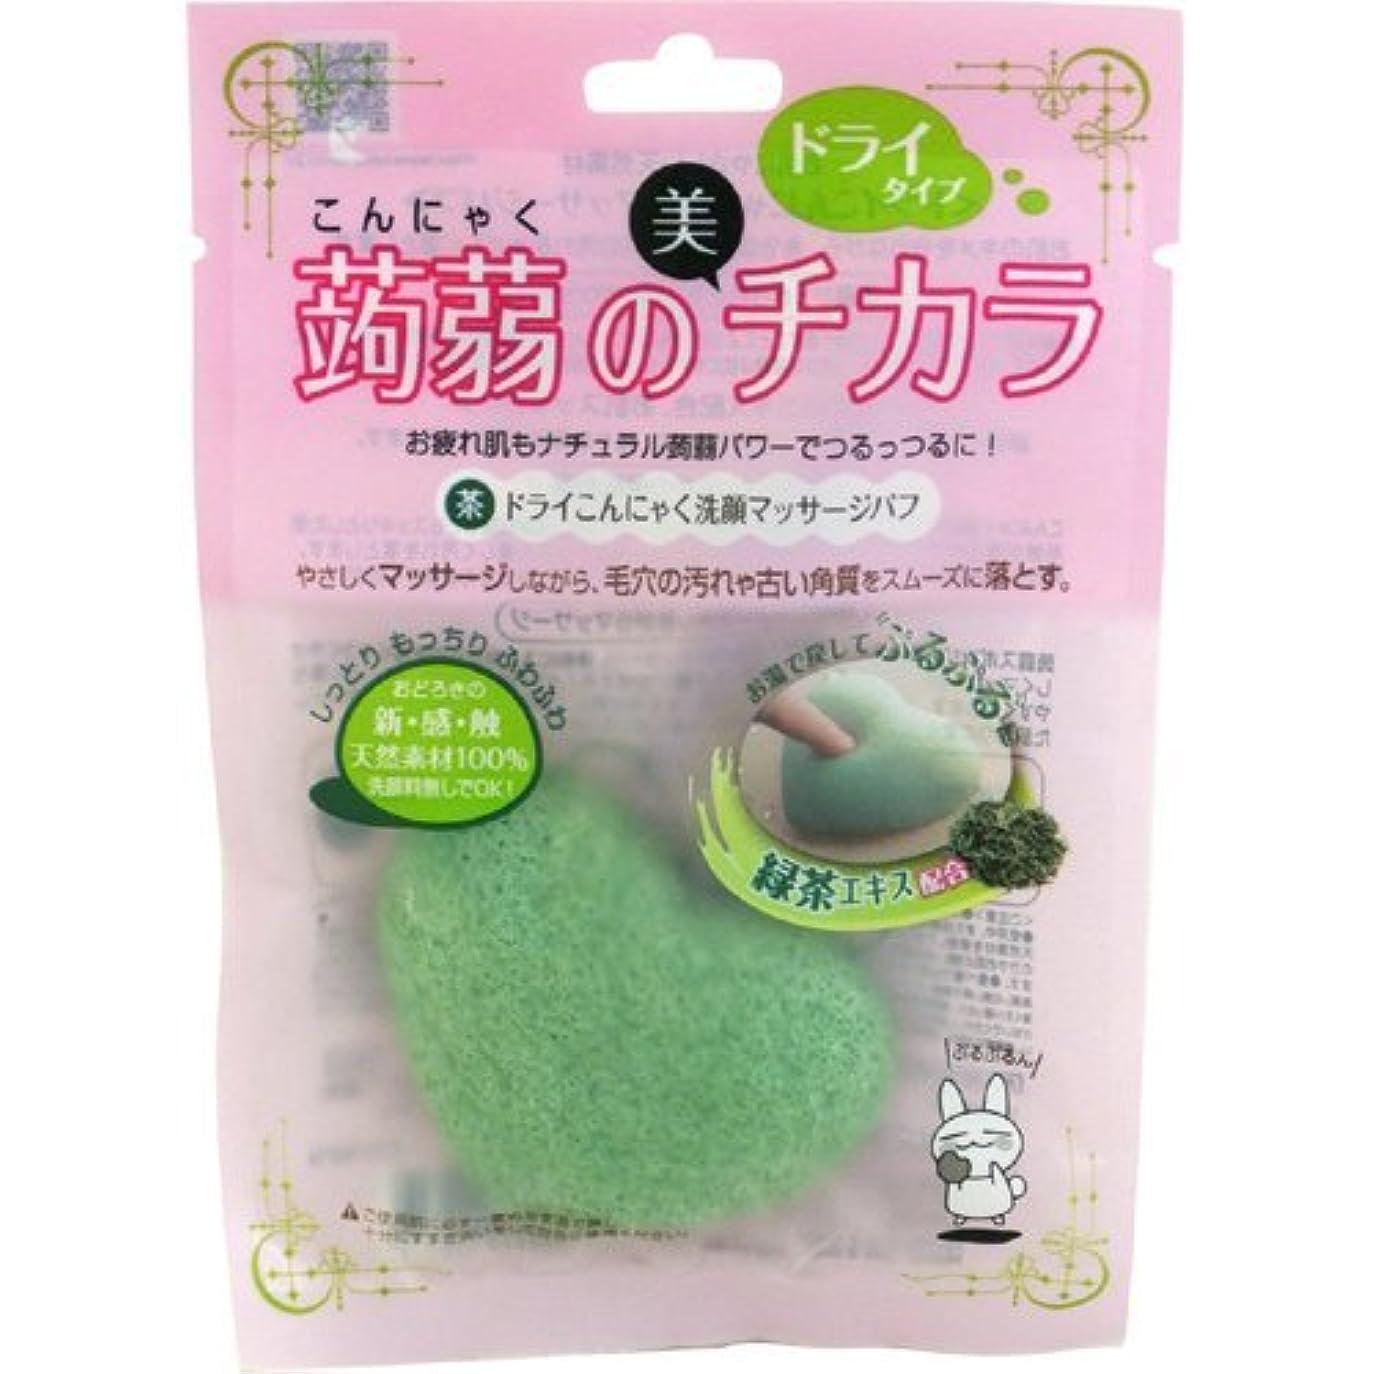 潮配偶者生ドライ蒟蒻センガンマッサージパフ 緑茶